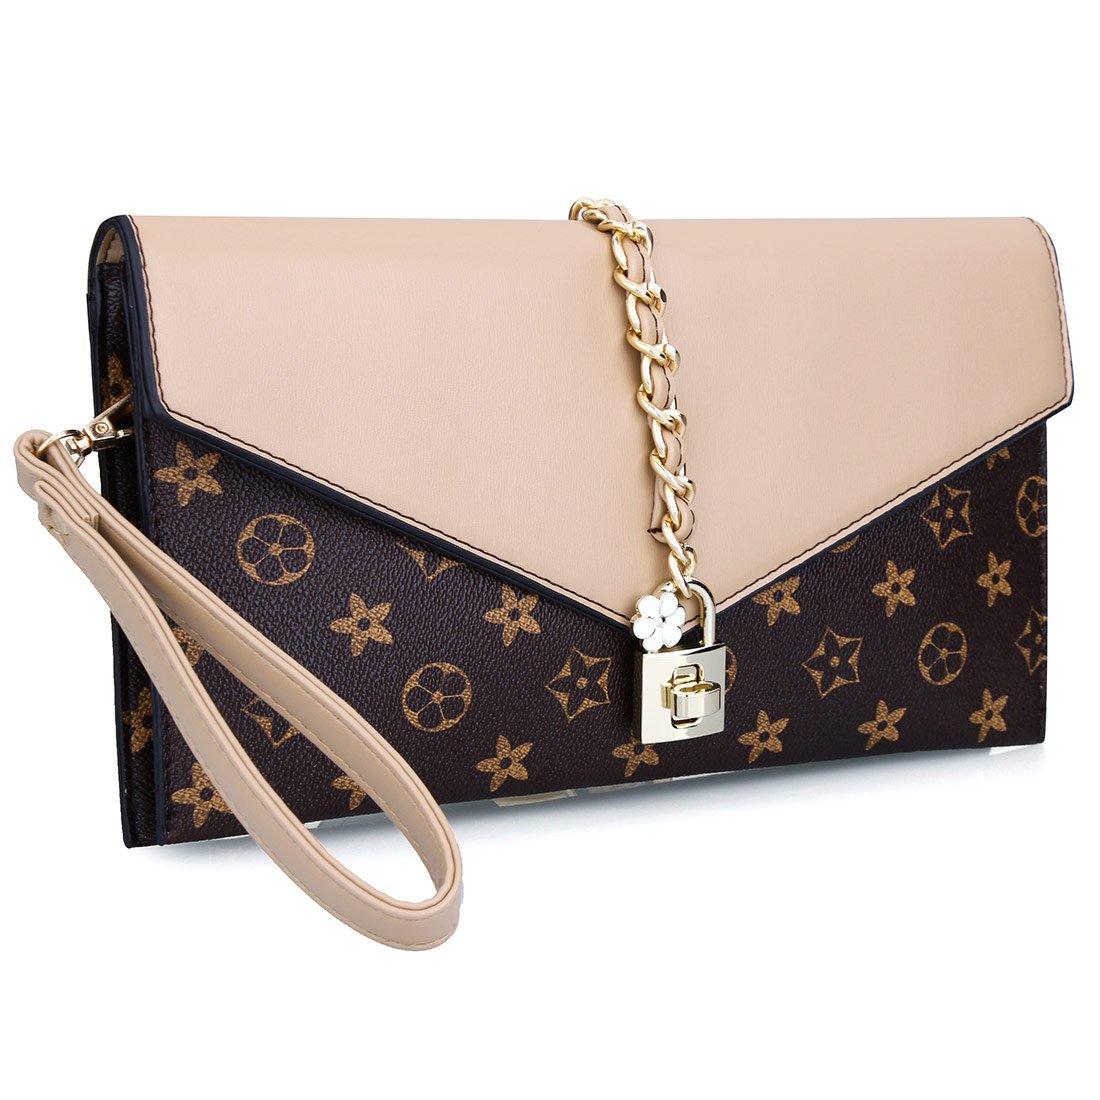 7d9e751e452 EROGE Evening Bag Women Oversized Flower Designer Evening Clutch Handbag  Wristlet with Lock (Apricot): Handbags: Amazon.com